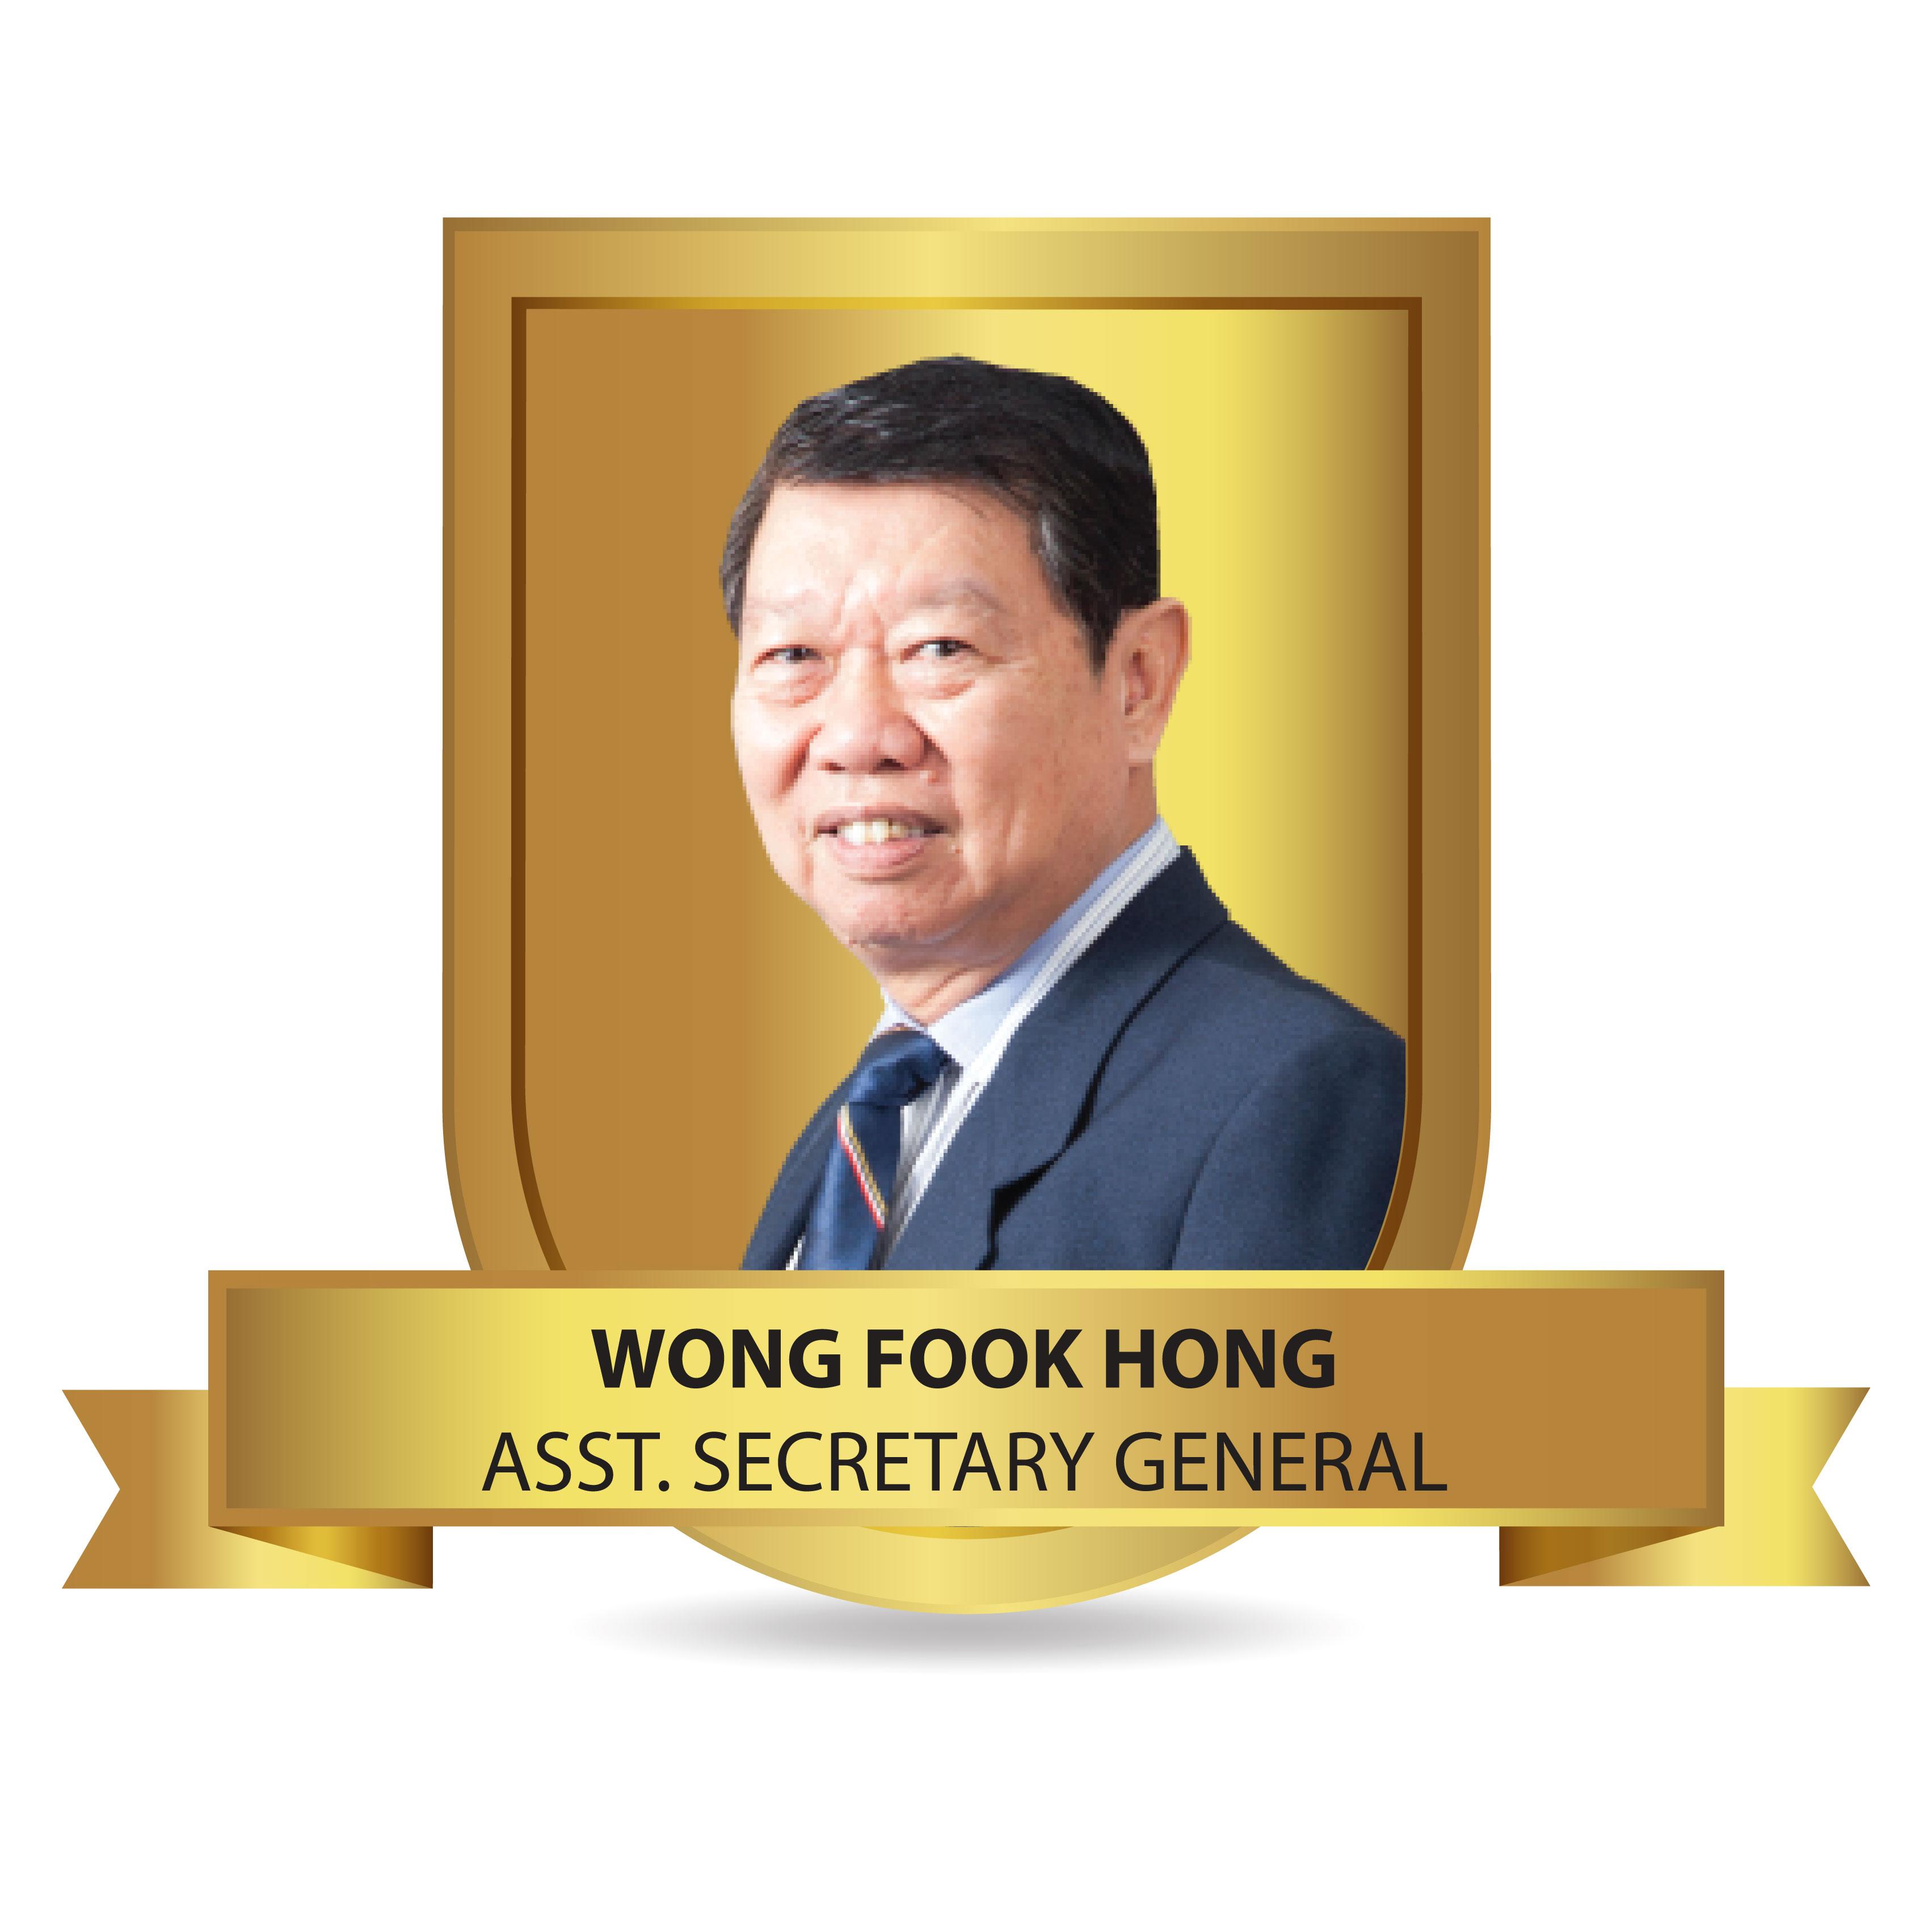 wong-fook-hong-01